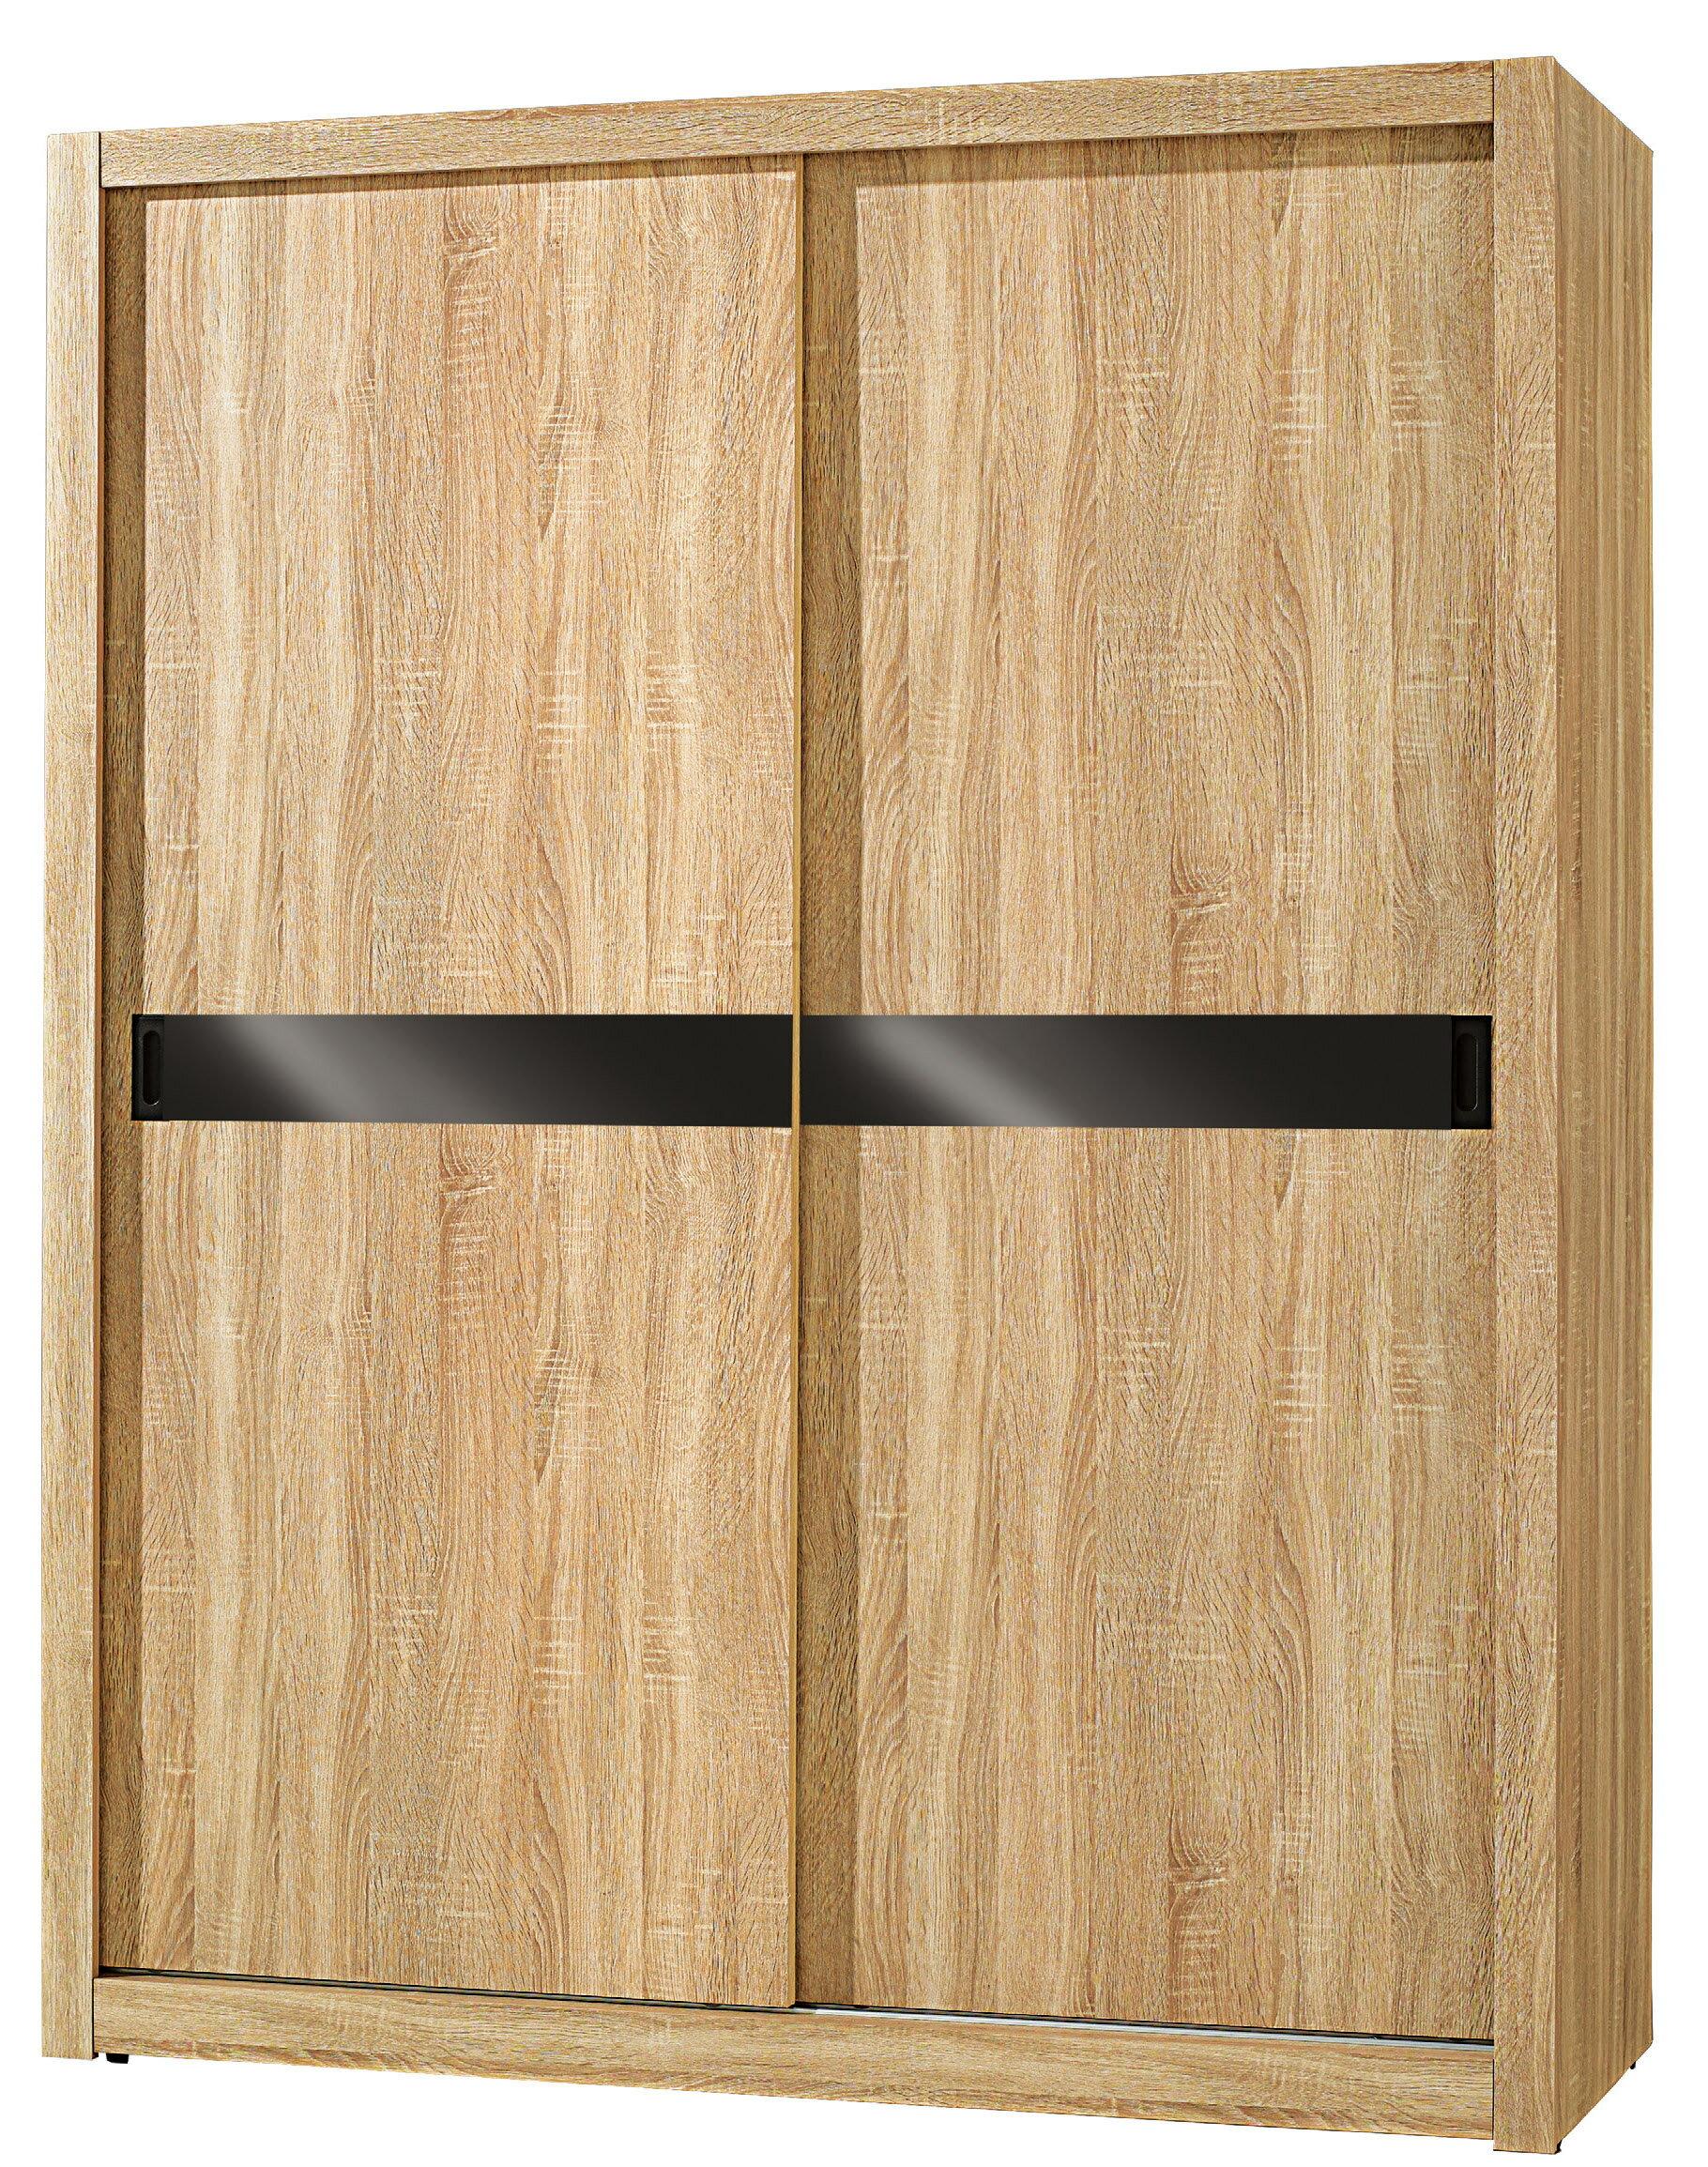 【尚品家具】JF-053-3 凱文5X7尺橡木紋推門衣櫃